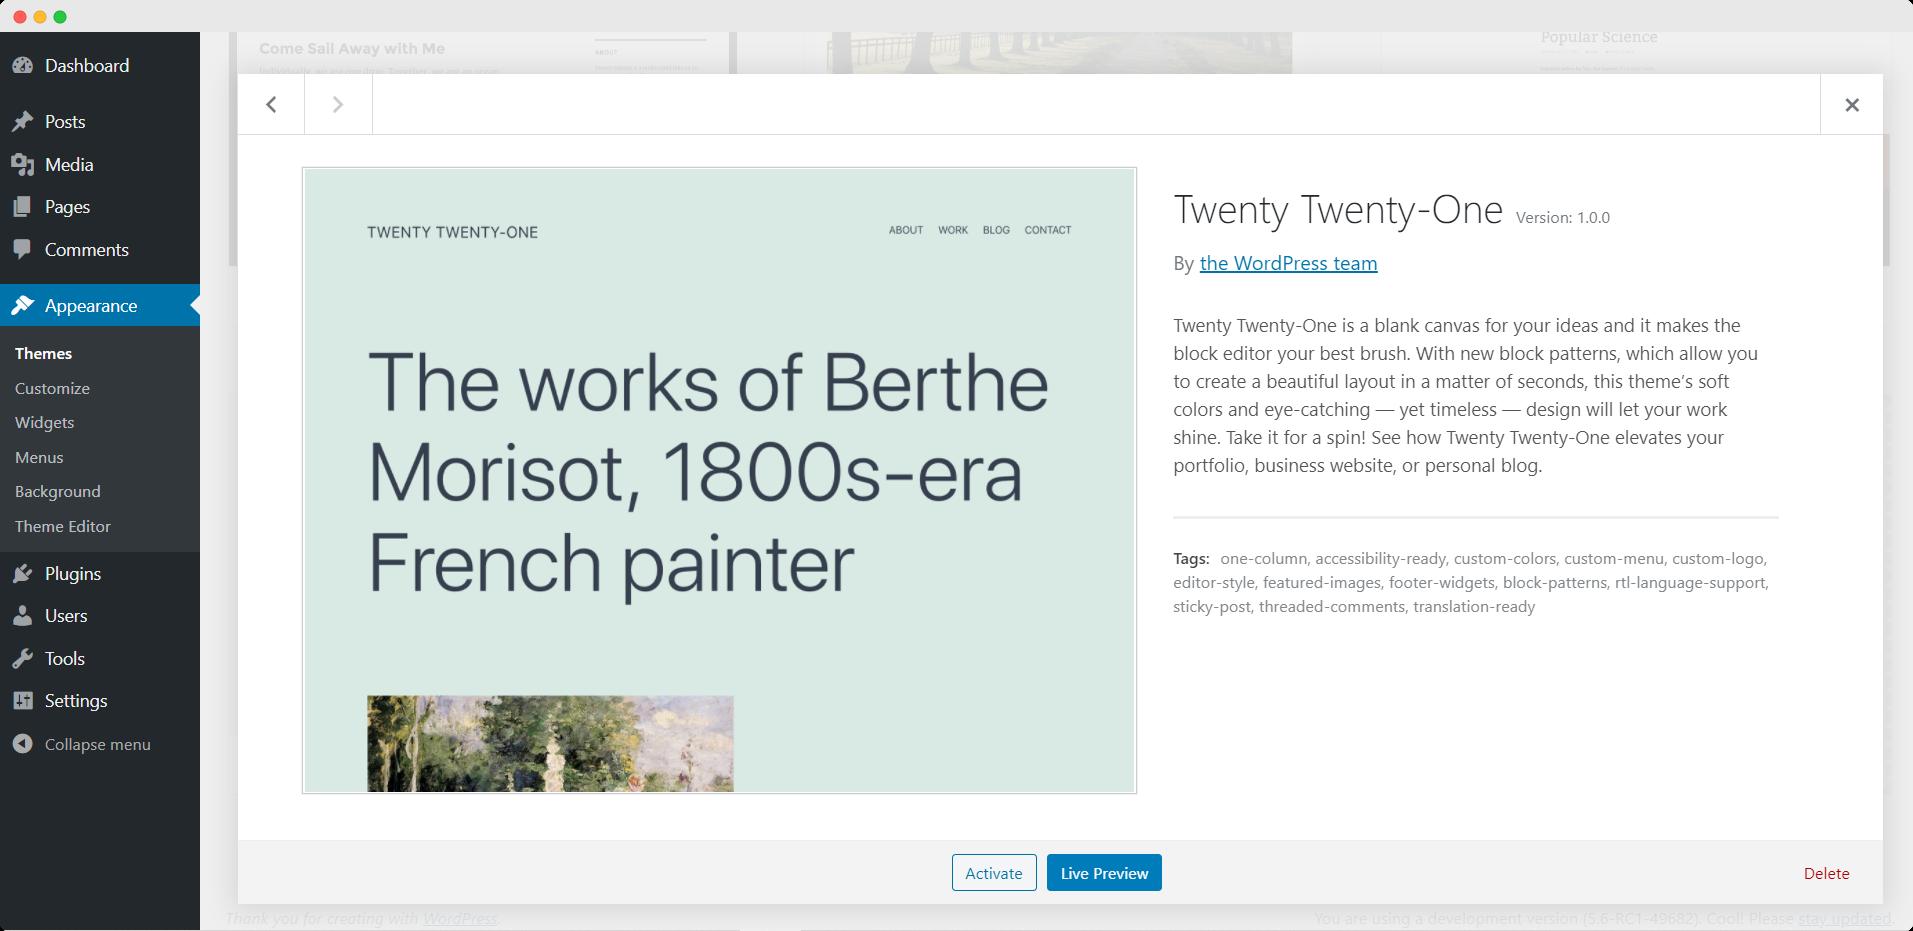 [Review] Twenty Twenty-One: New Default Theme For WordPress 1